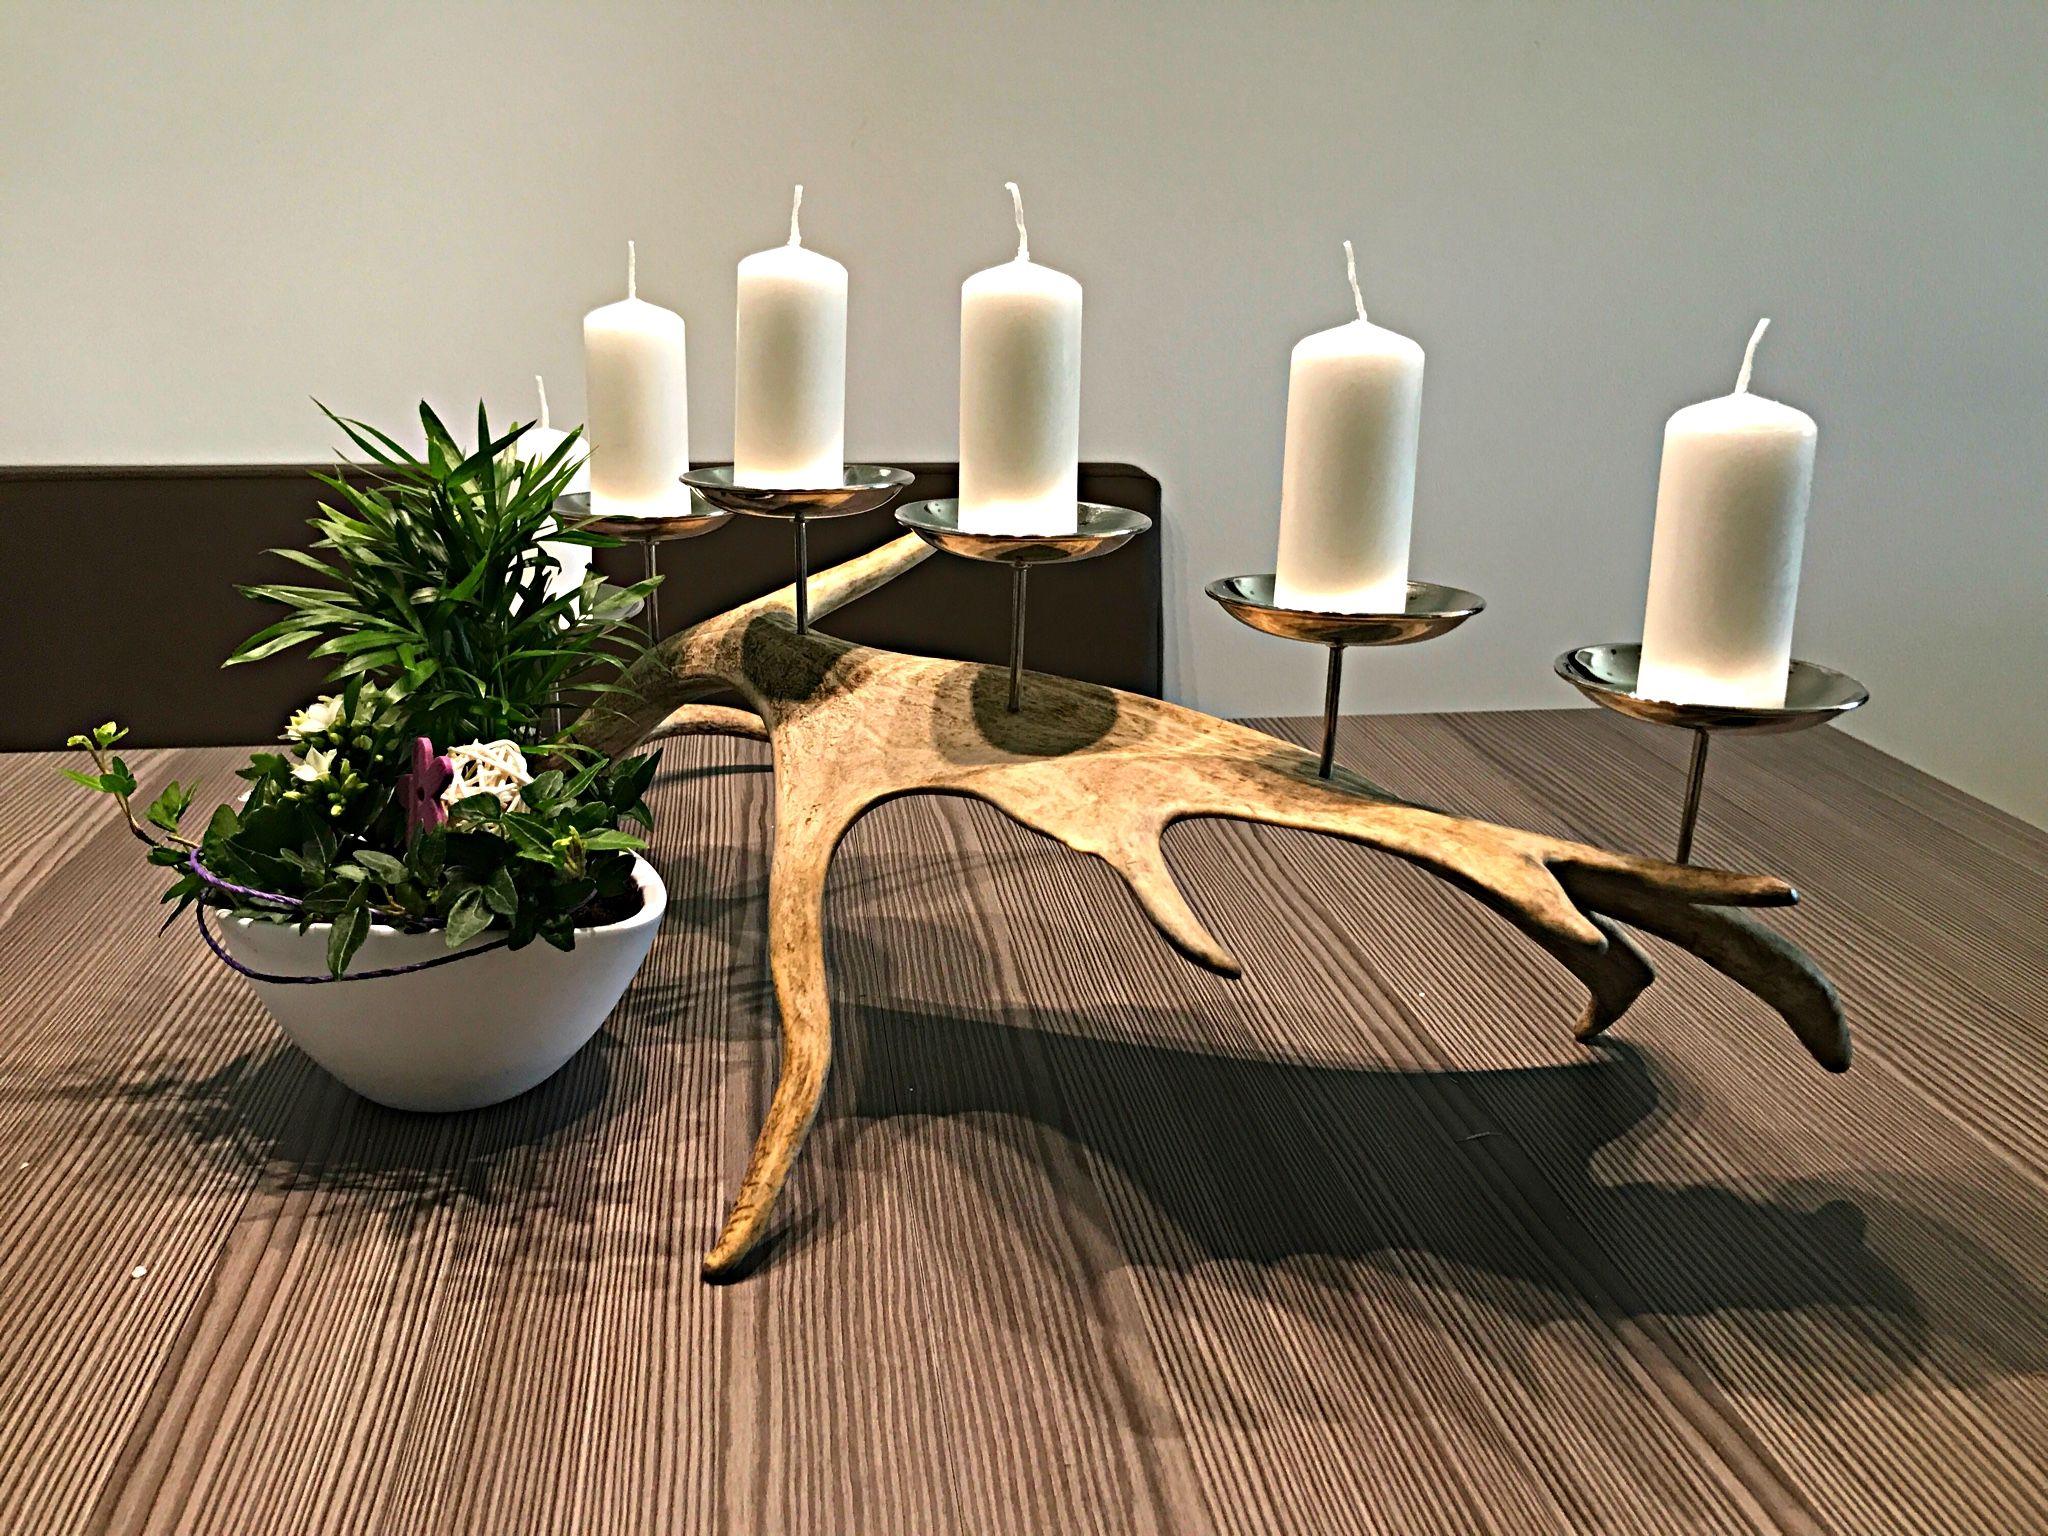 Hirschgeweih deko wohnzimmer  Adventskranz Hirschgeweih | Worlddaily